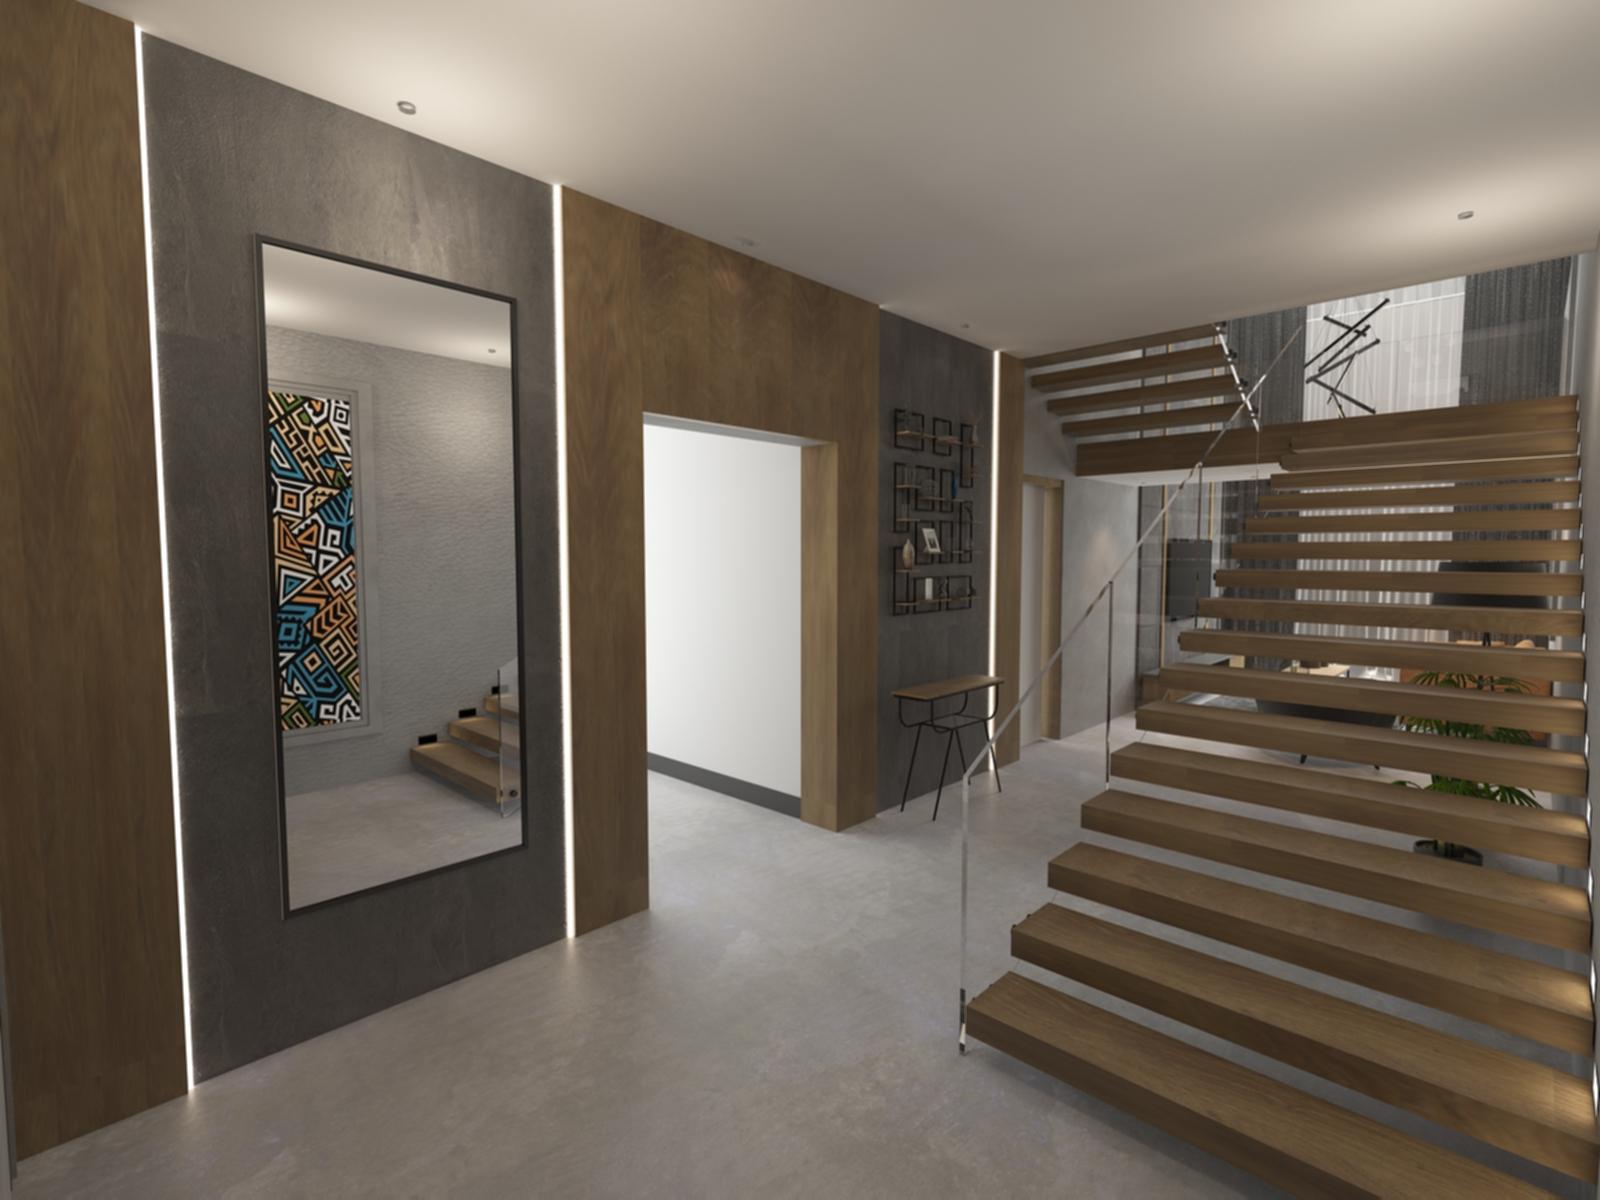 Entrance: Penthouse Apartment for Sale at Baraka Residence in Nyarutarama, Kigali